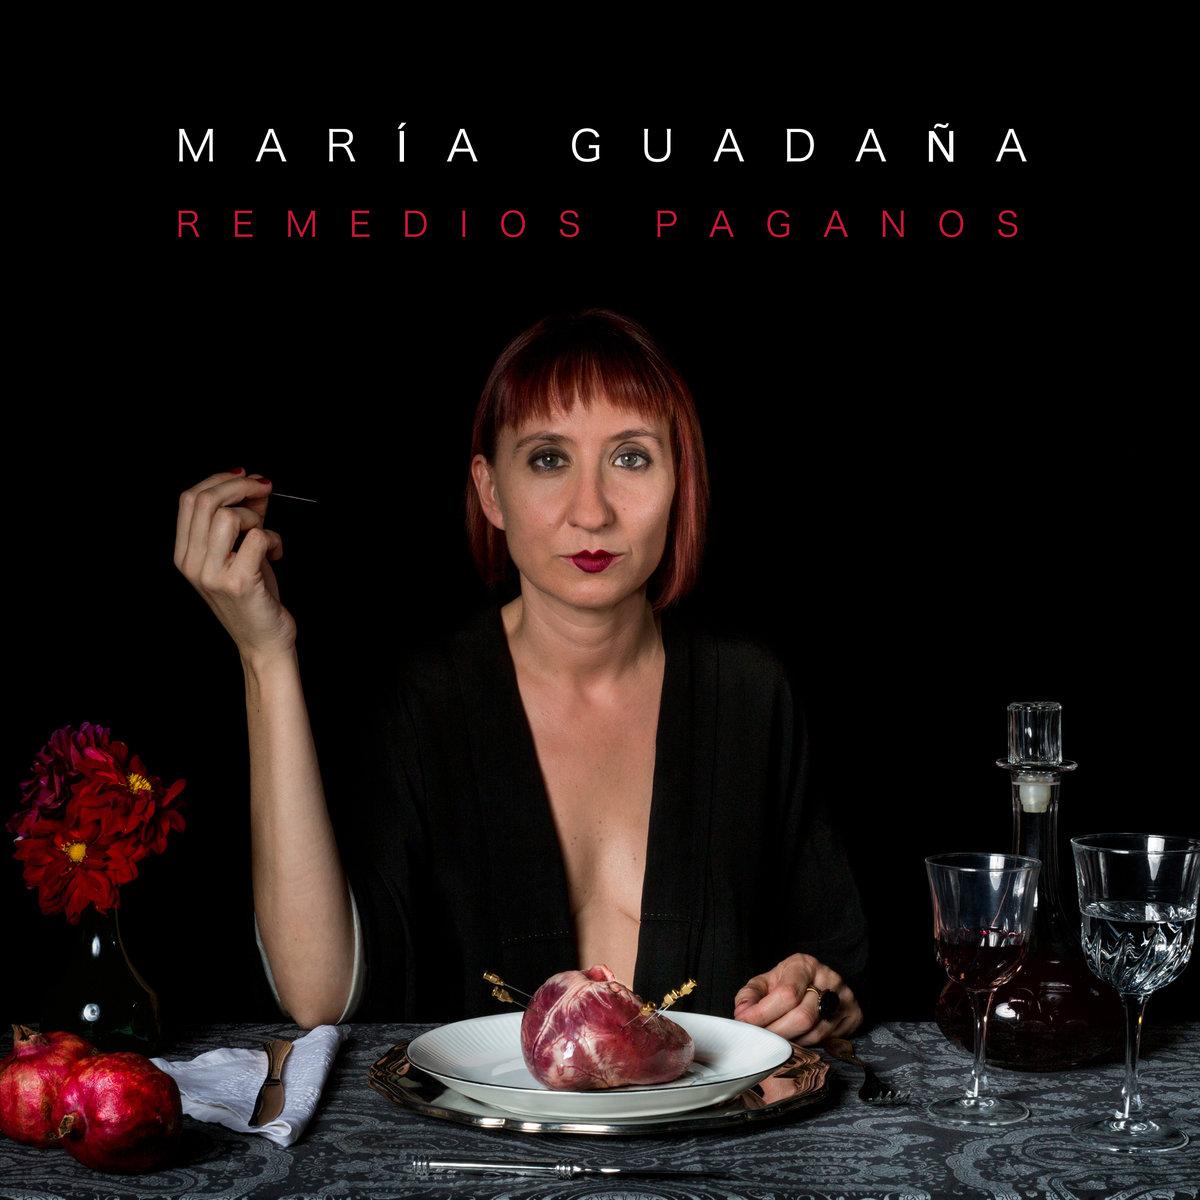 El debut de María Guadaña: poder, muerte y emociones